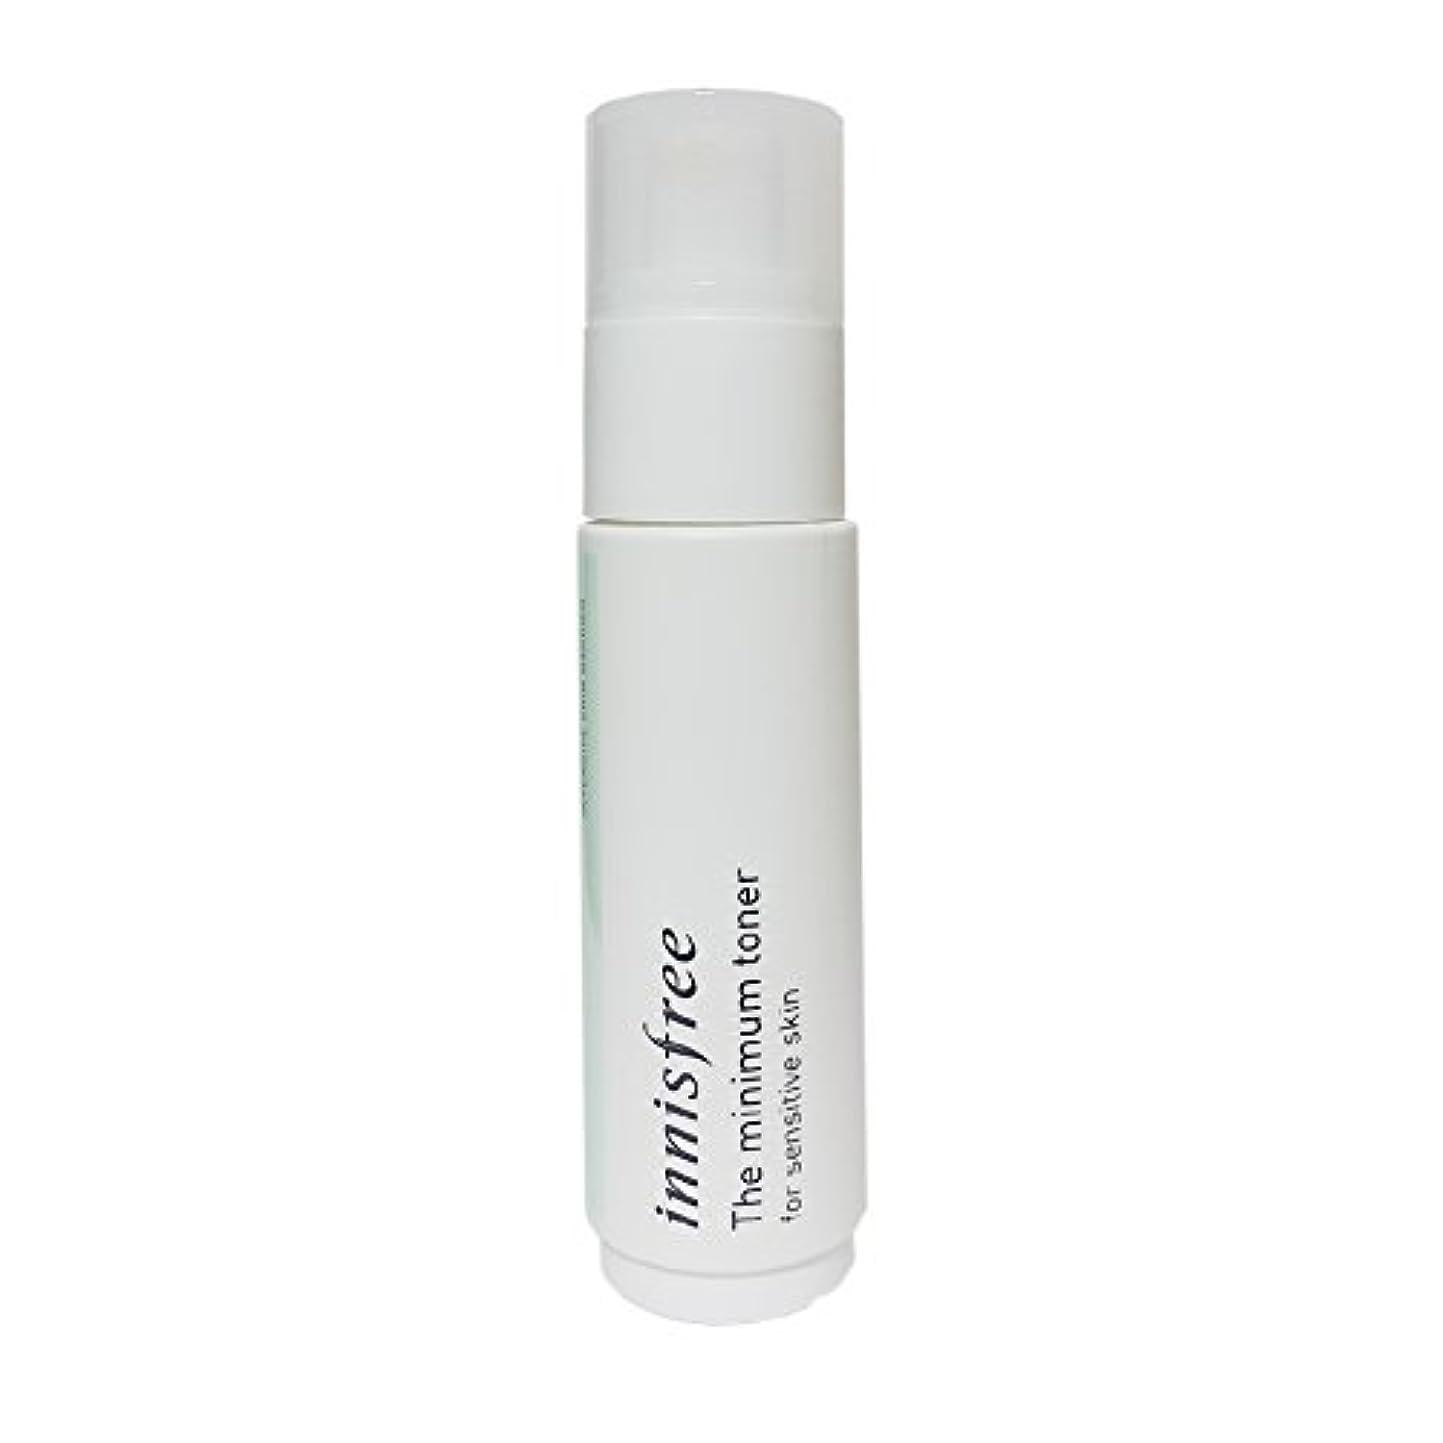 ブッシュ祭り批判する[イニスフリー] Innisfree ザミニマム トナー敏感肌用(45ml) Innisfree The Minimum Toner For Sensitive Skin(45ml)  [海外直送品]